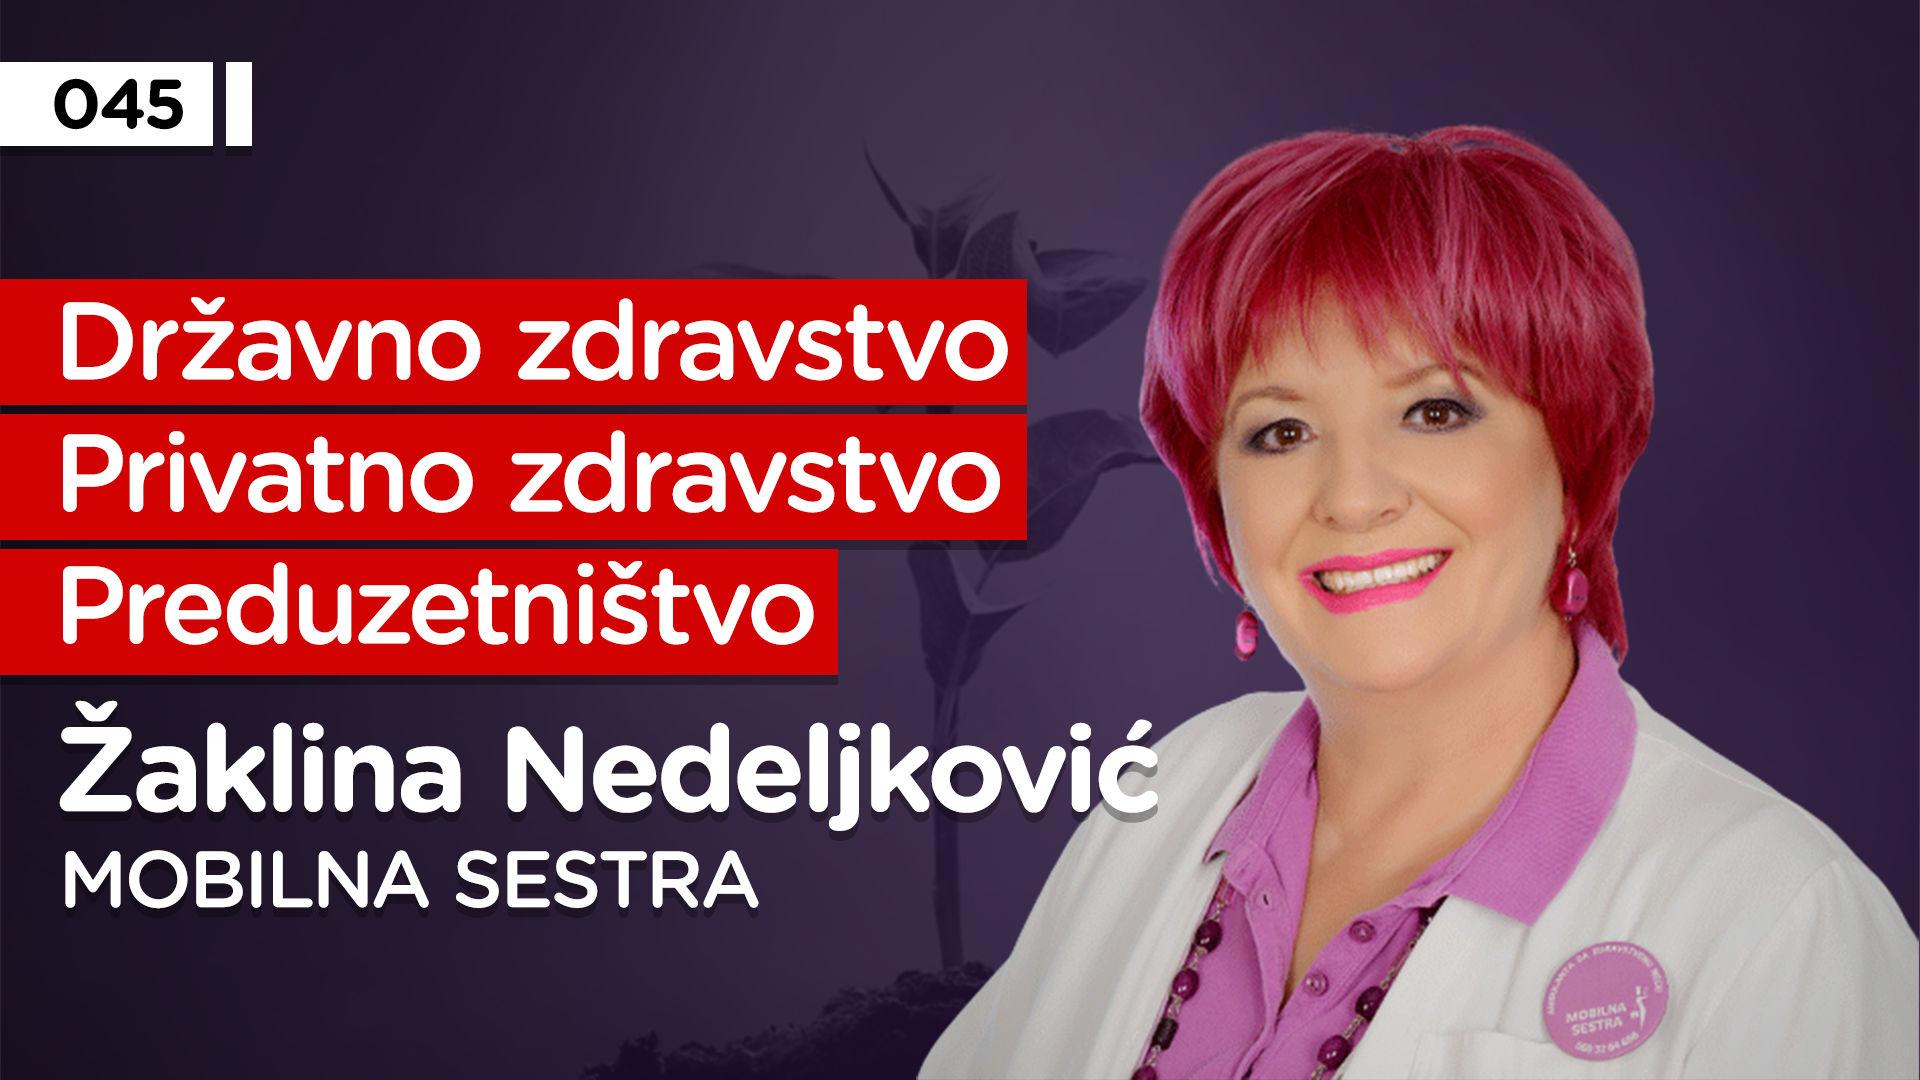 EP045: Žaklina Nedeljković